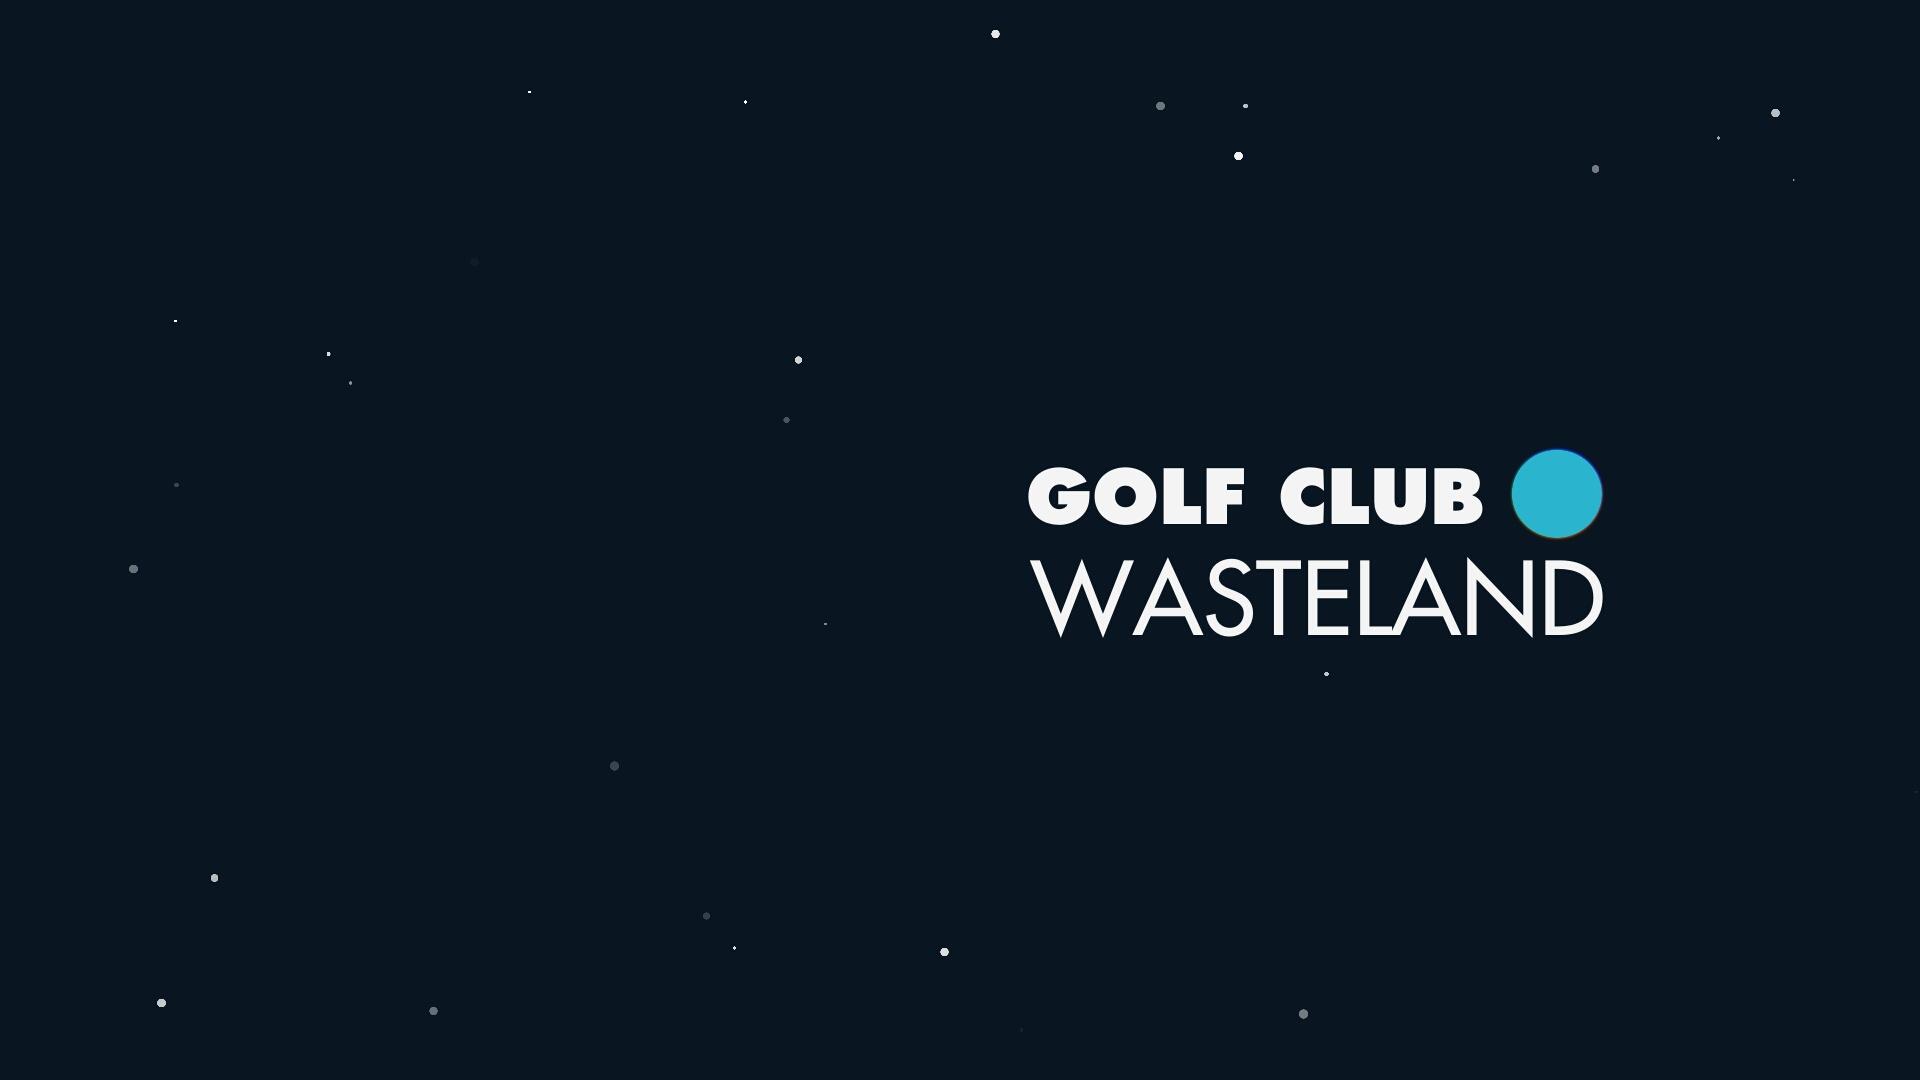 高尔夫俱乐部荒原